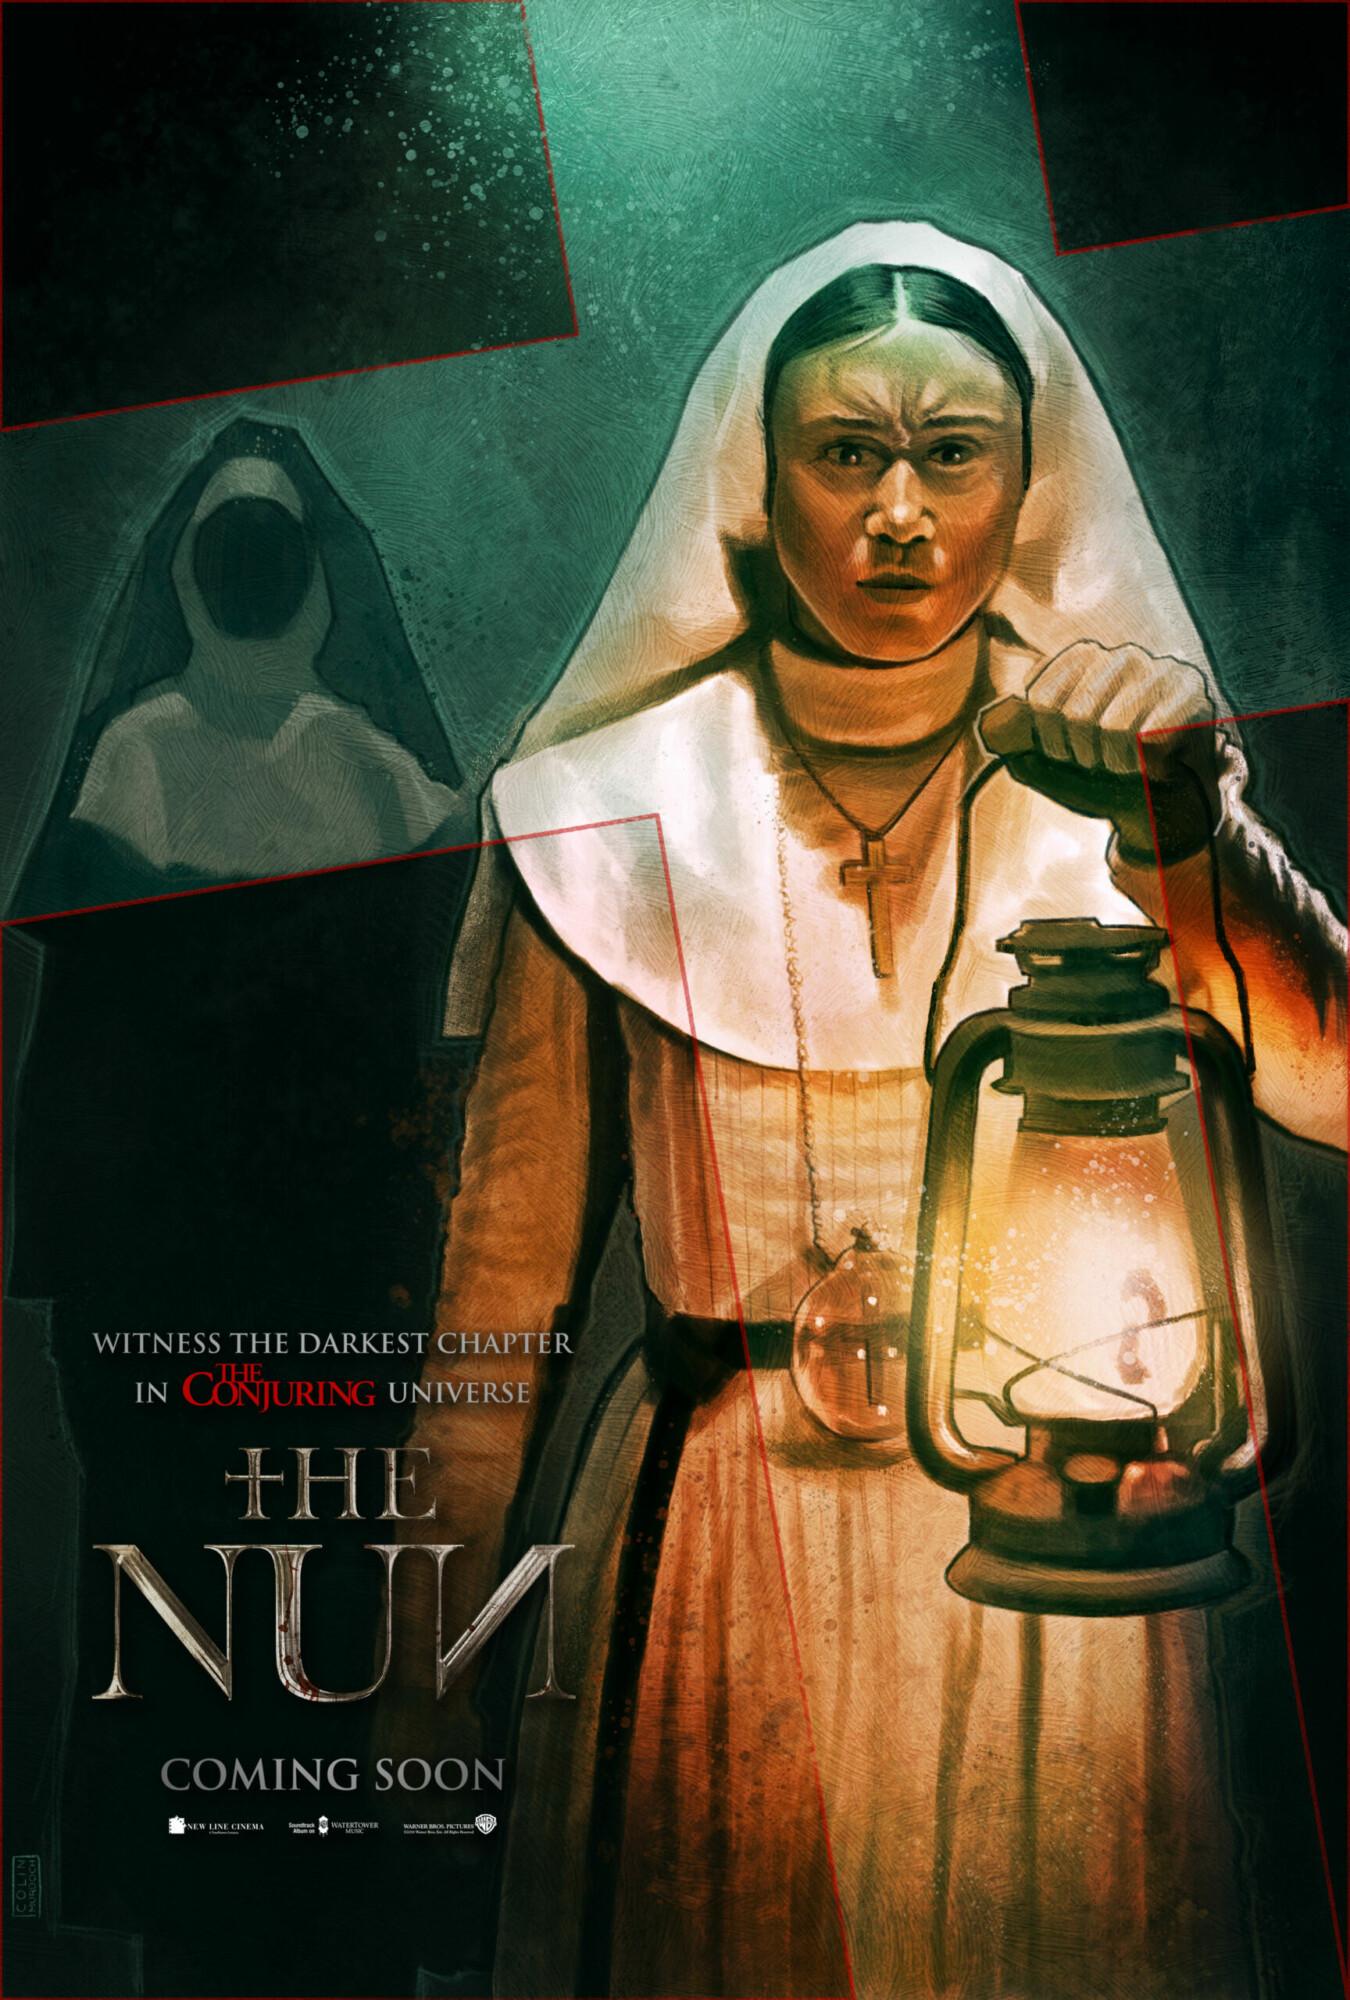 The Nun 2018 Poster Blackkklansman Full Movie Online Free